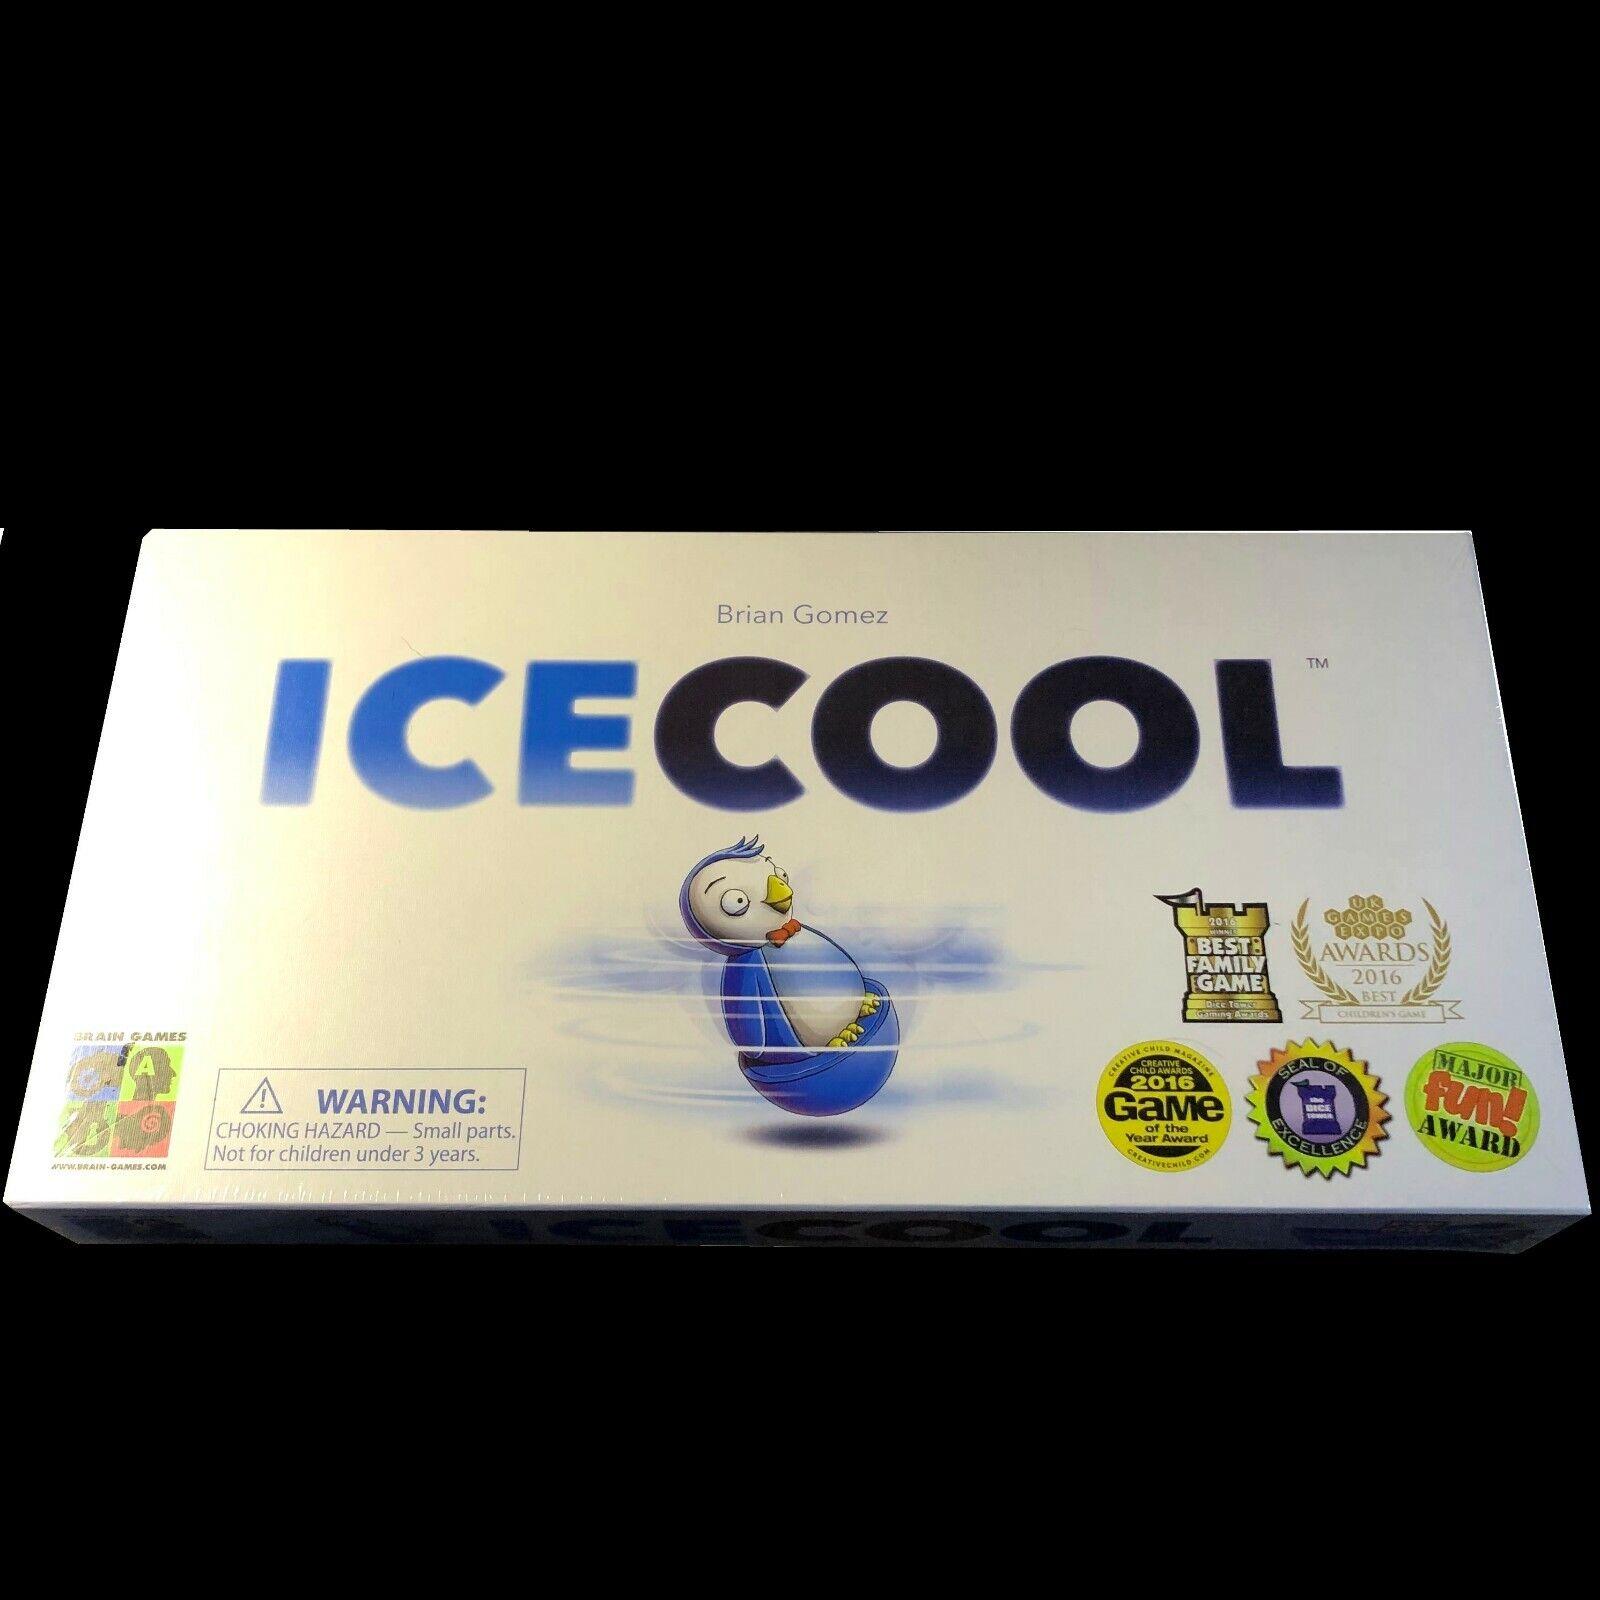 Ice Cool Board Game Brand New, NIP